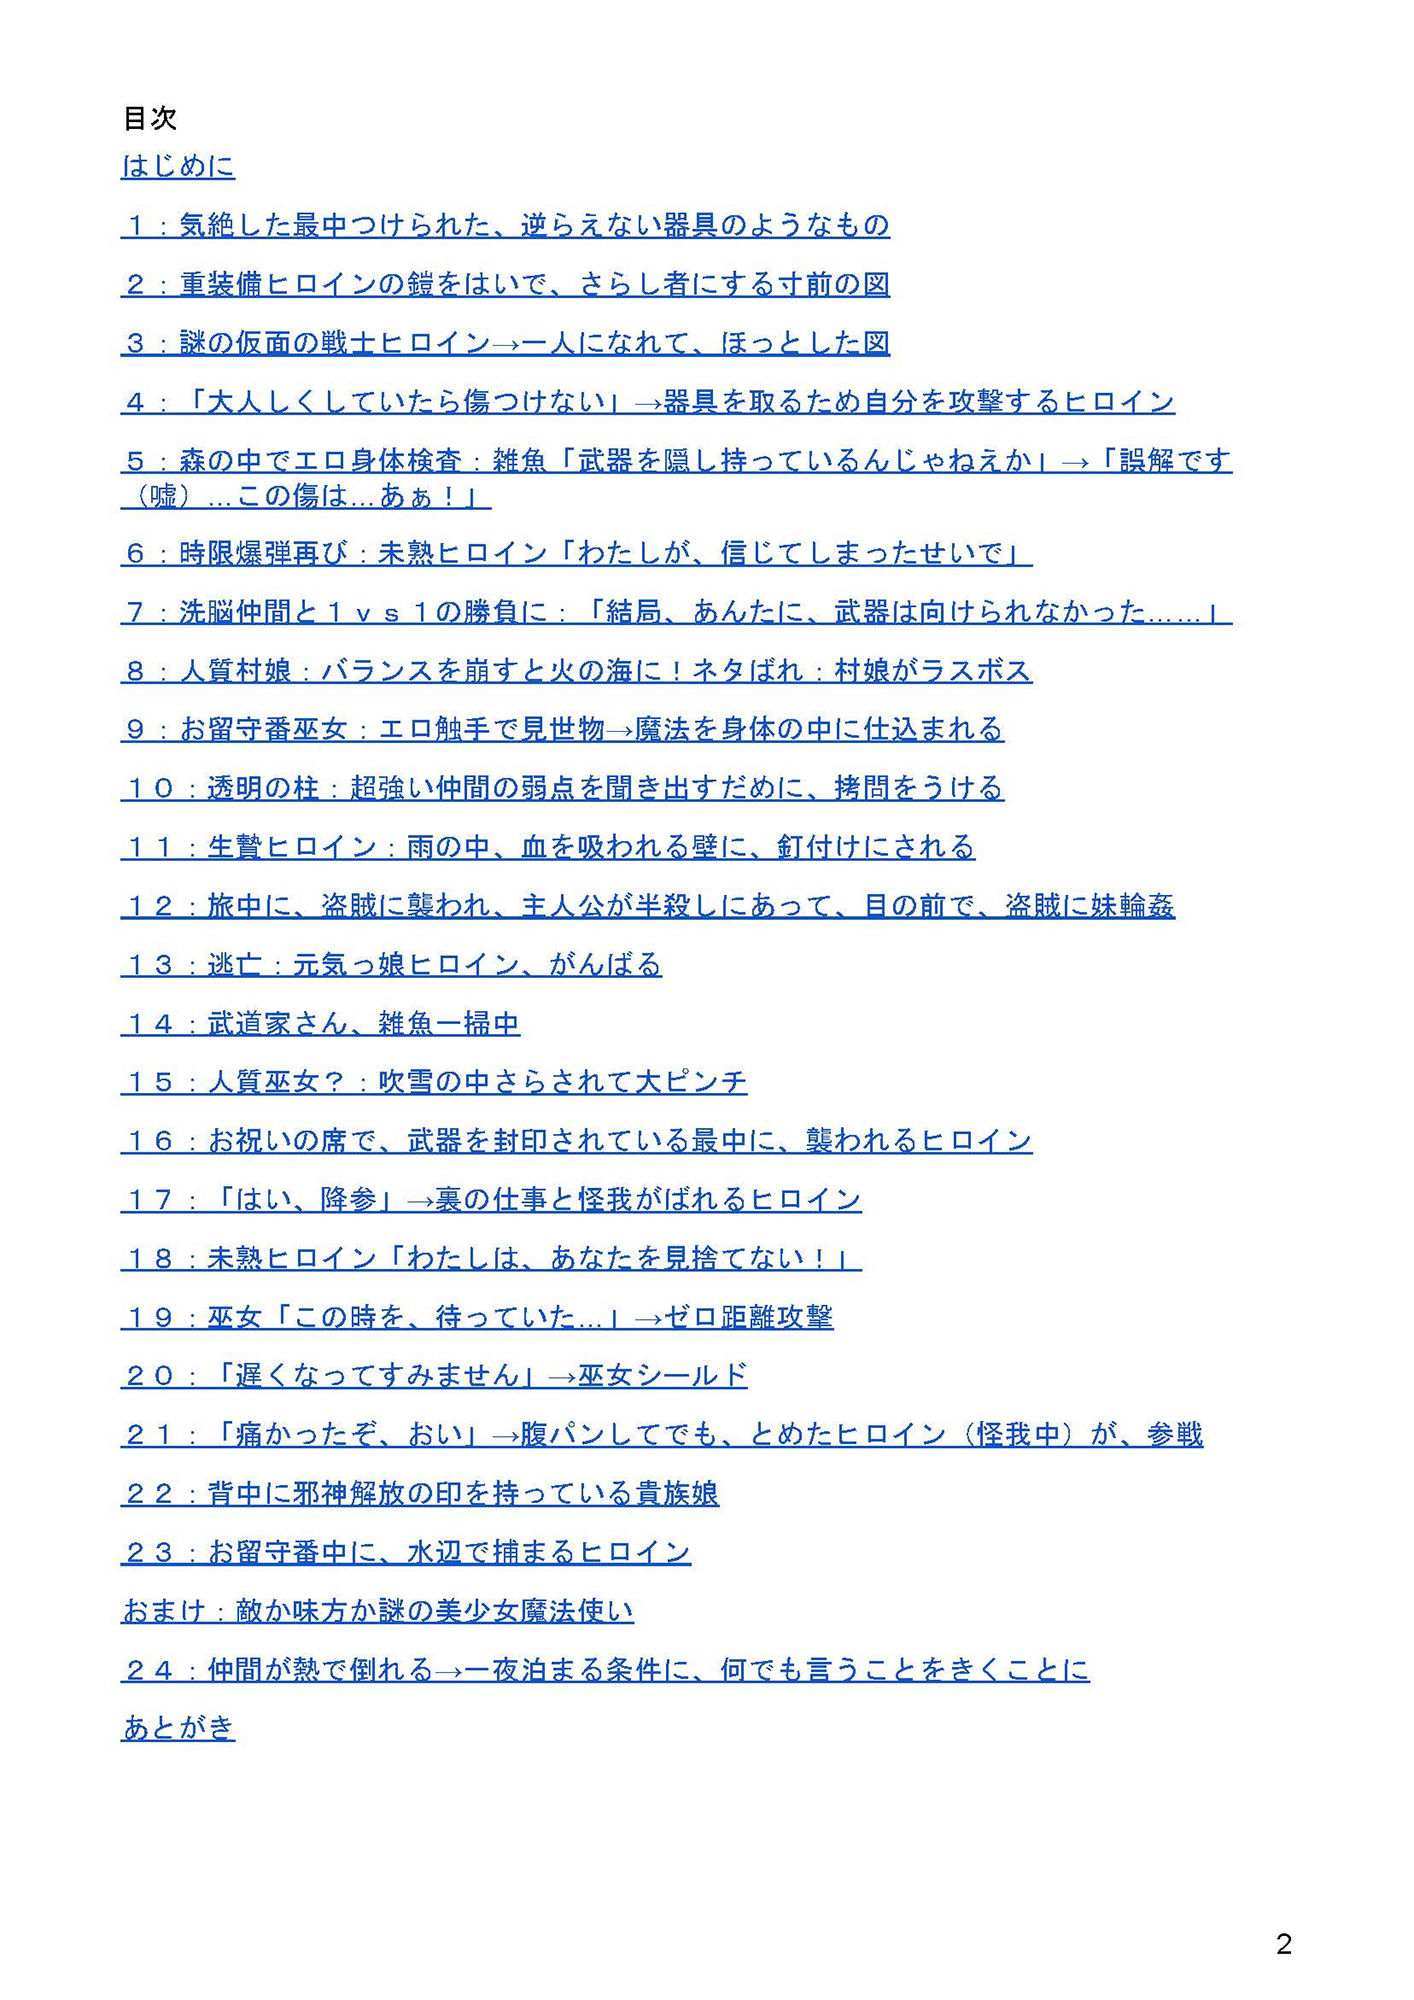 【無料】ヒロインピンチ語り+α 2020年2月号画像no.1